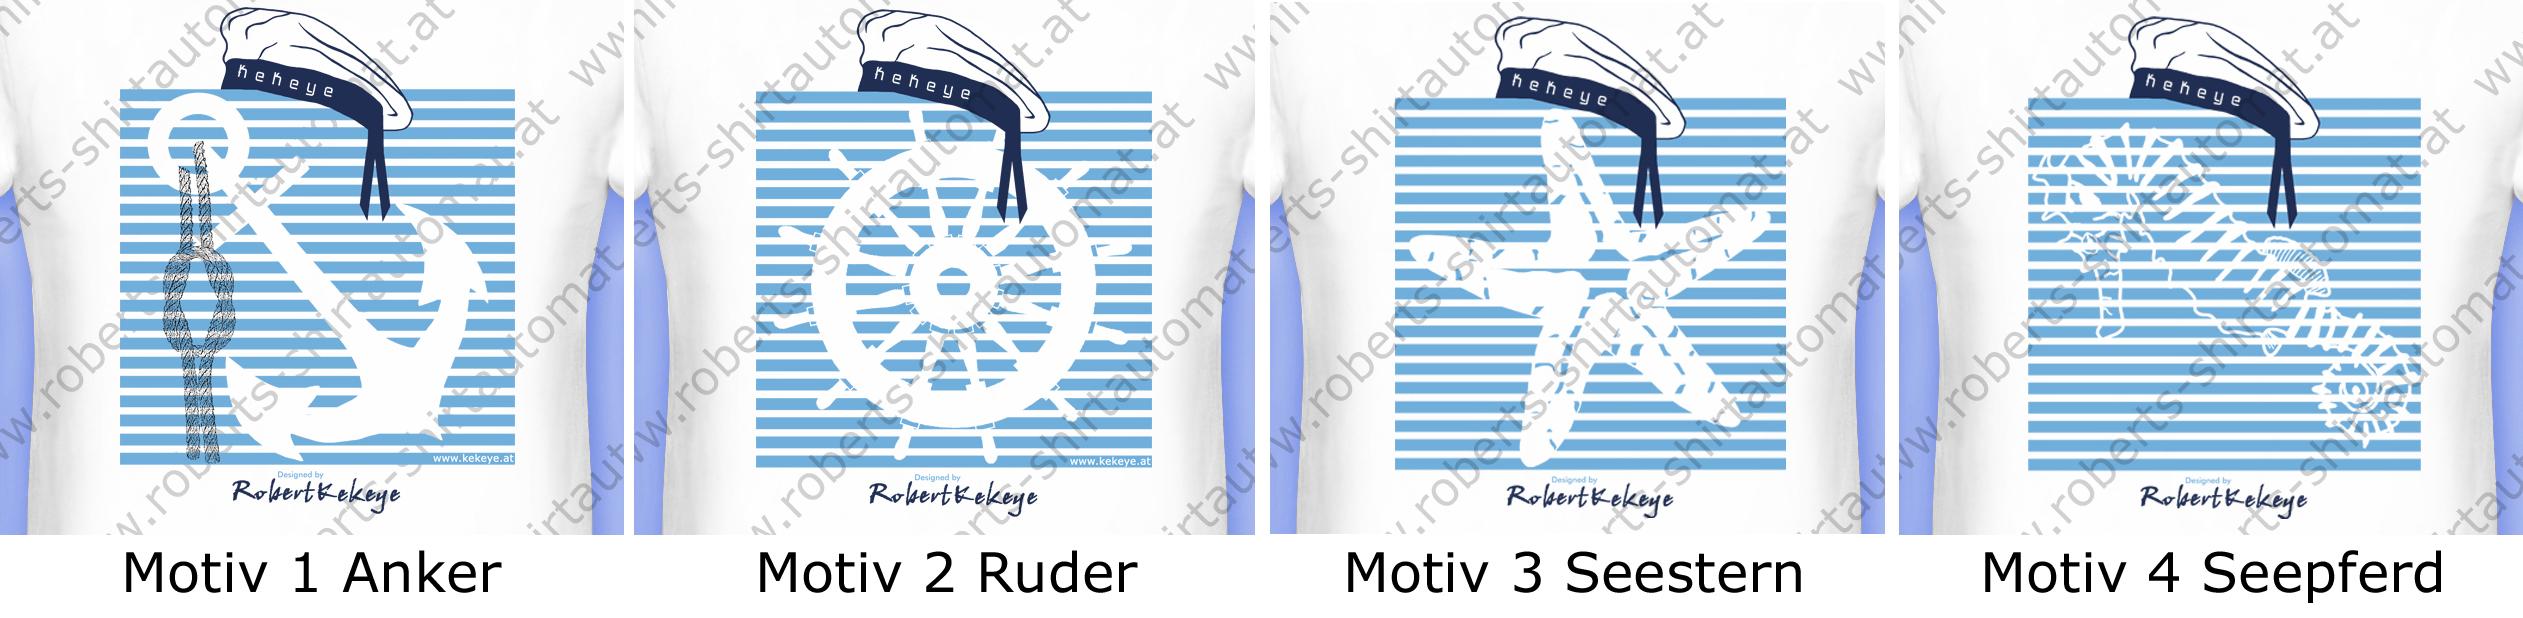 Maritime Wochen bei Kekeye, Anker, Ruder, Seestern, Seepferd T-Shirts / Foto © Robert`s Shirt Automat e.U.